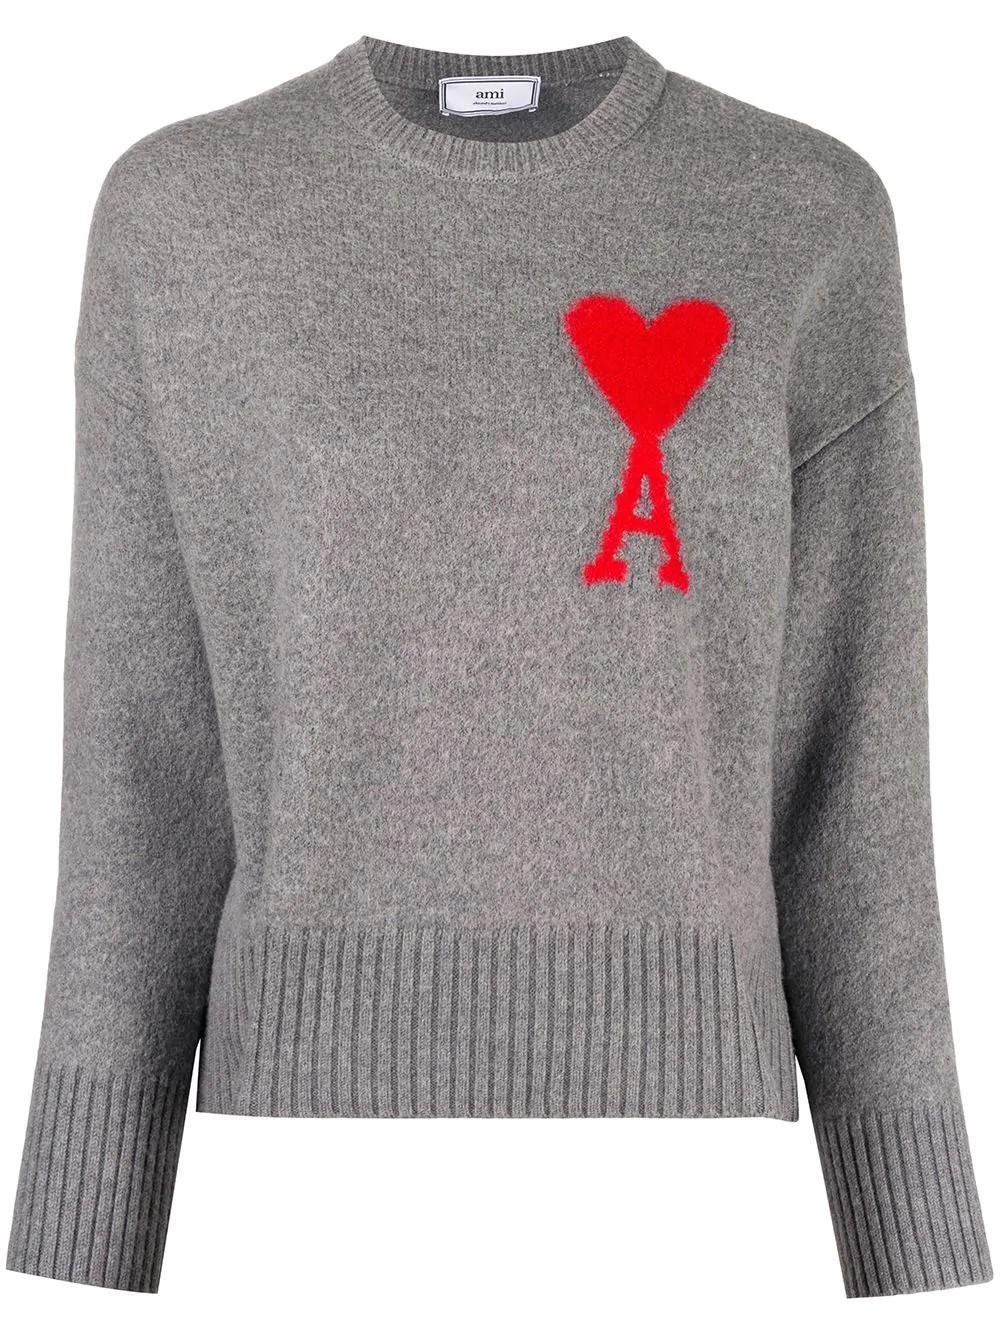 Felted wool gauge 7 knit